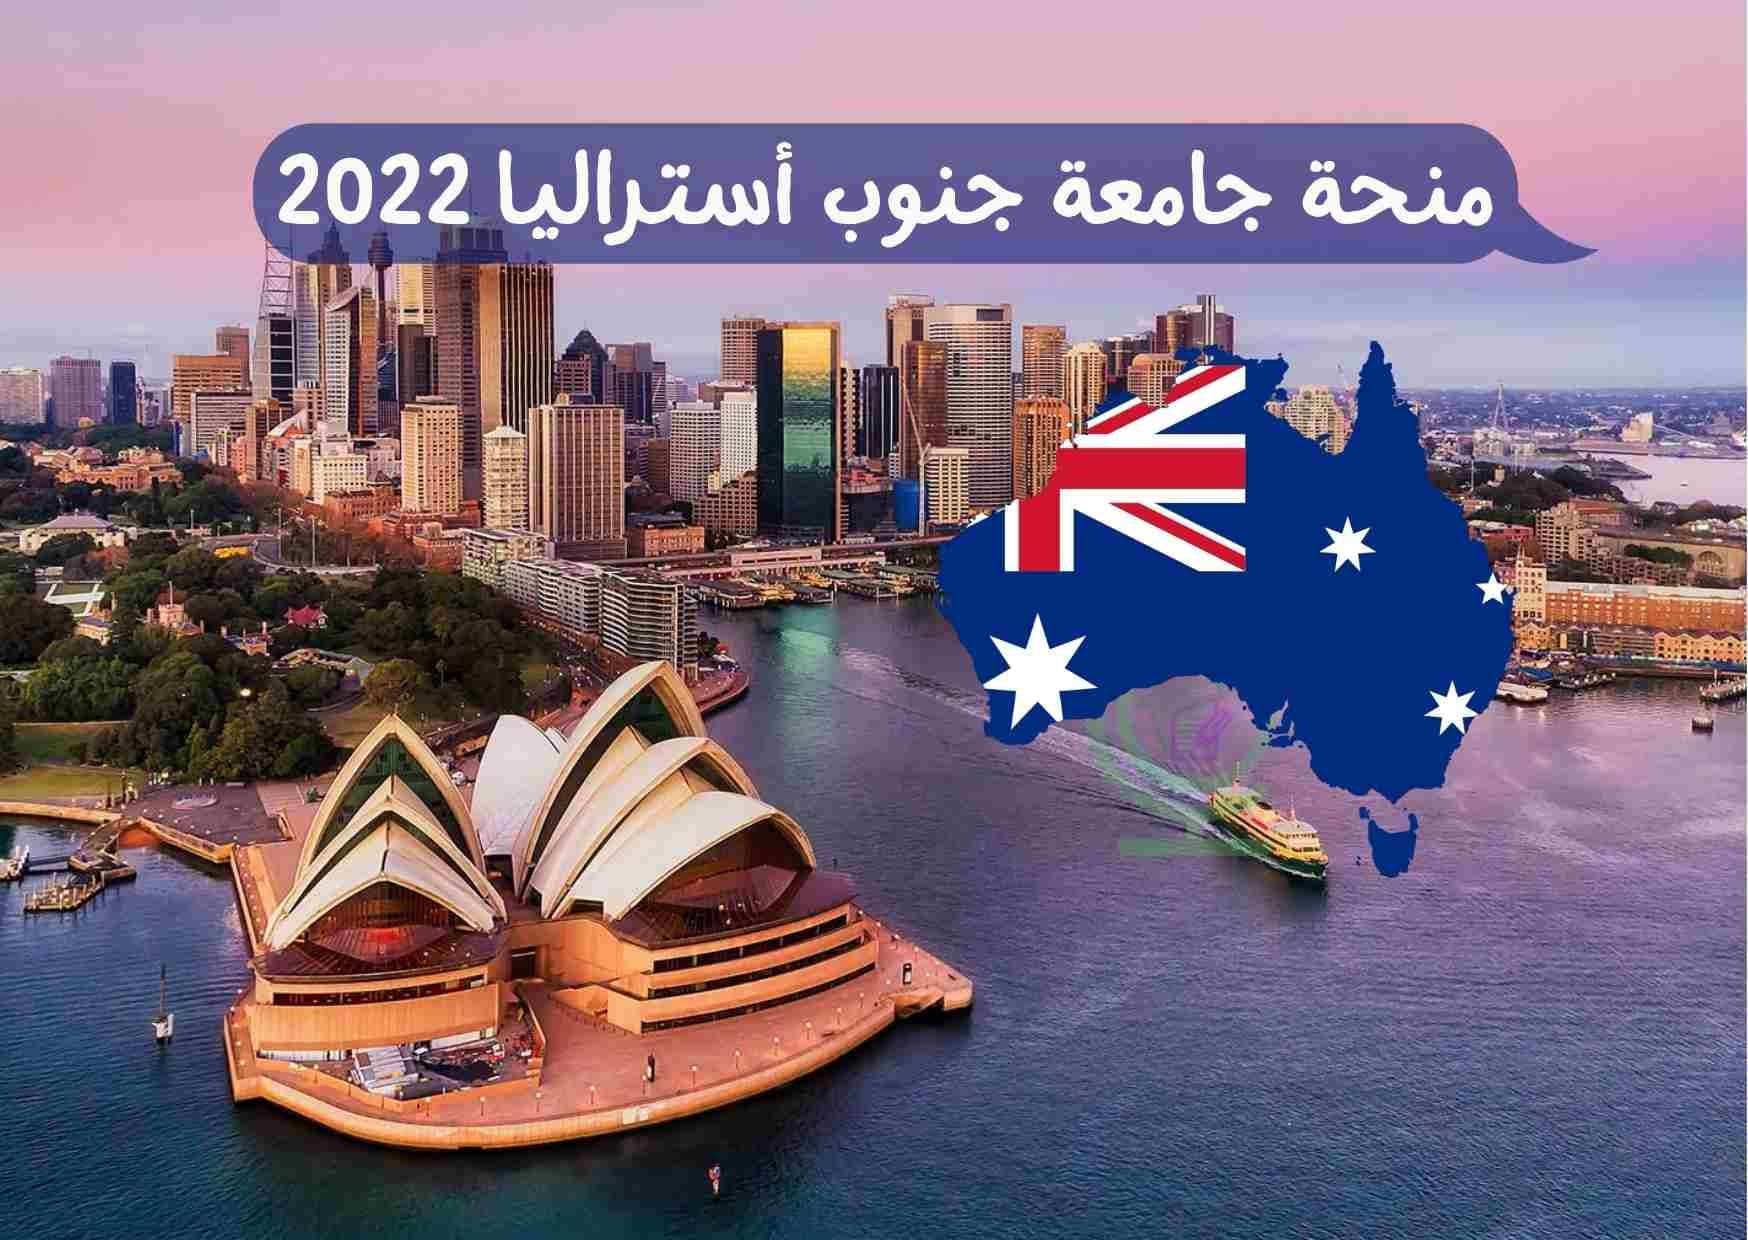 منحة جامعة جنوب أستراليا 2022 ممولة بالكامل